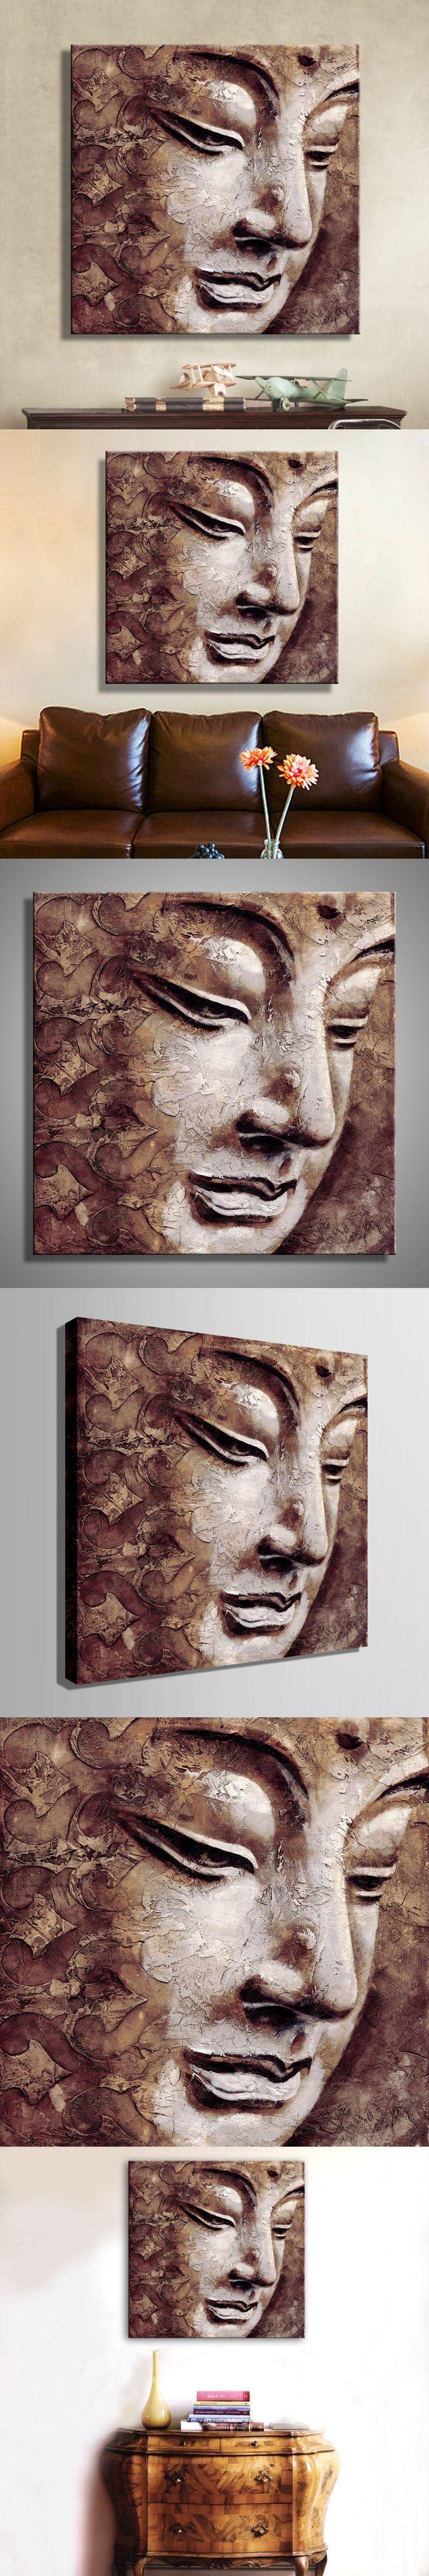 Best 25+ Buddha Wall Art Ideas On Pinterest   Buddha Art, Buddha Regarding Buddha Wood Wall Art (Image 2 of 20)